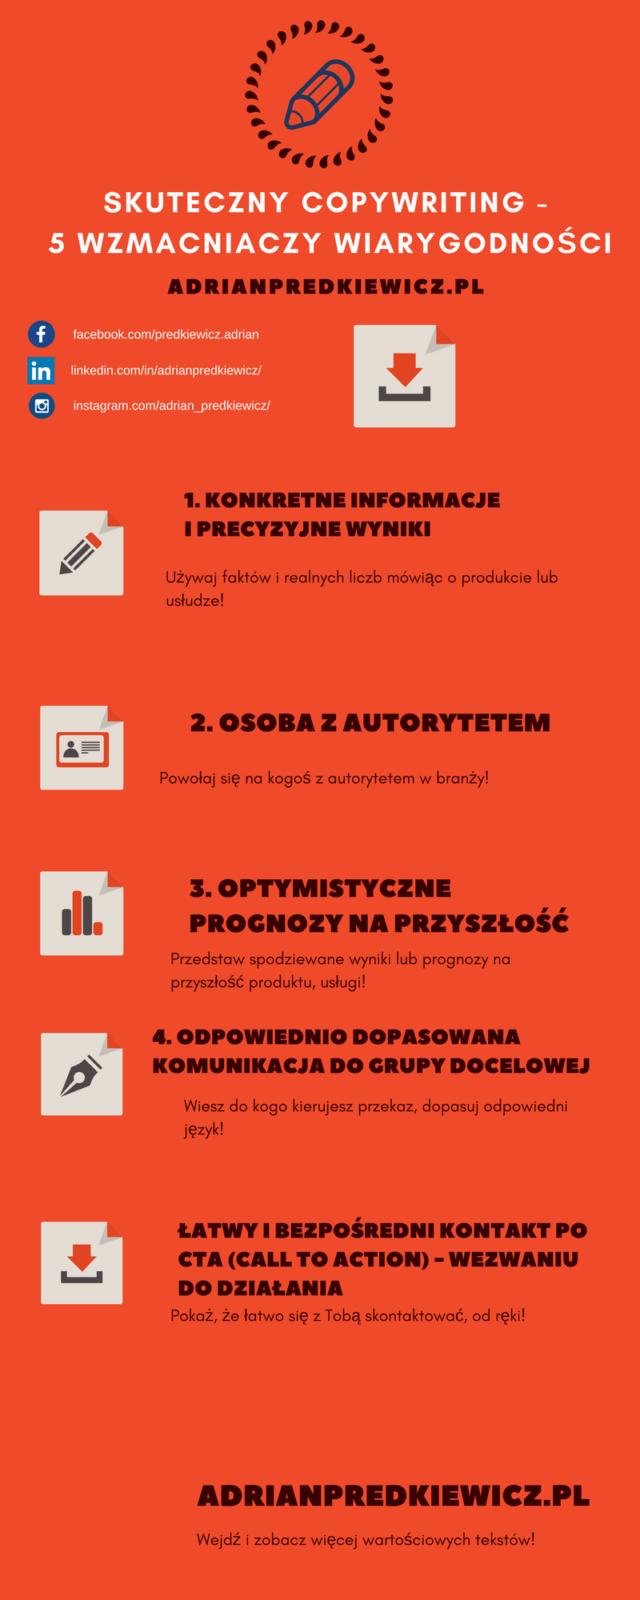 Skuteczny Copywriting i wiarygodność - Adrian Prędkiewicz